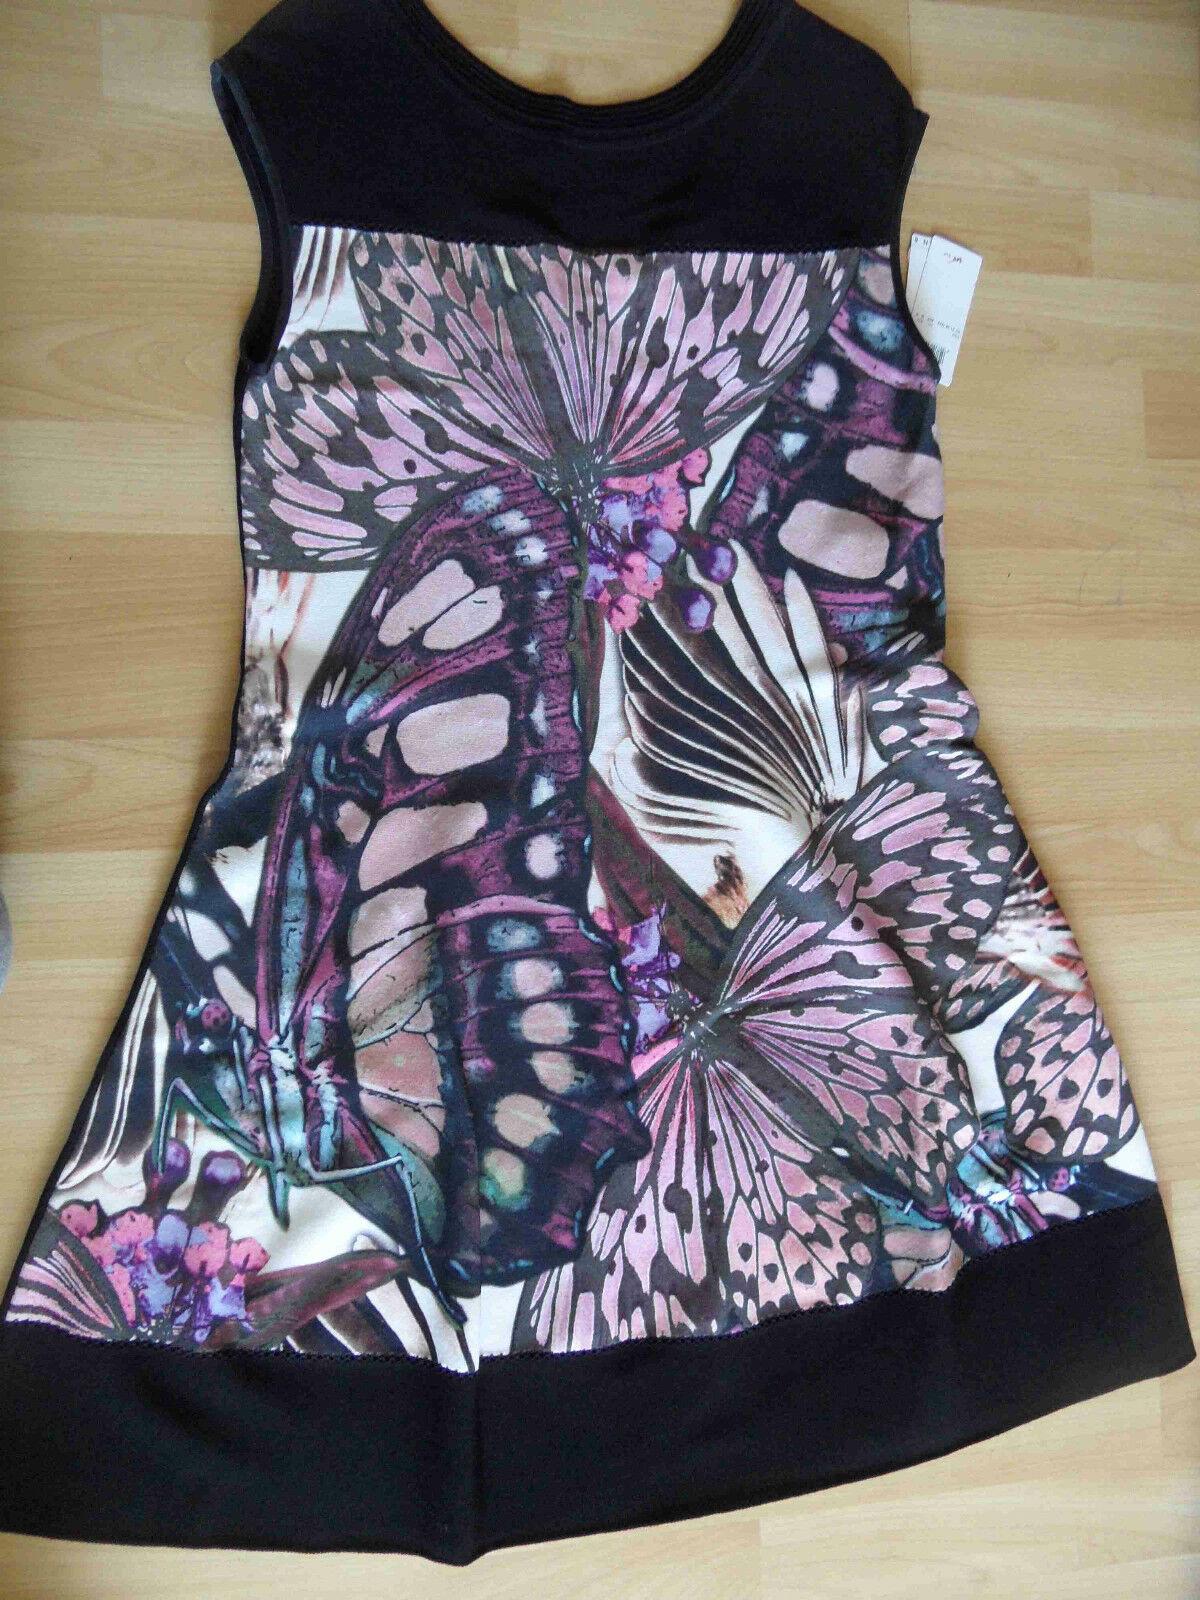 MARC CAIN chices Strickkleid Strickkleid Strickkleid Schmetterlinge N6   44 NP 449 --     NEU 815 685146